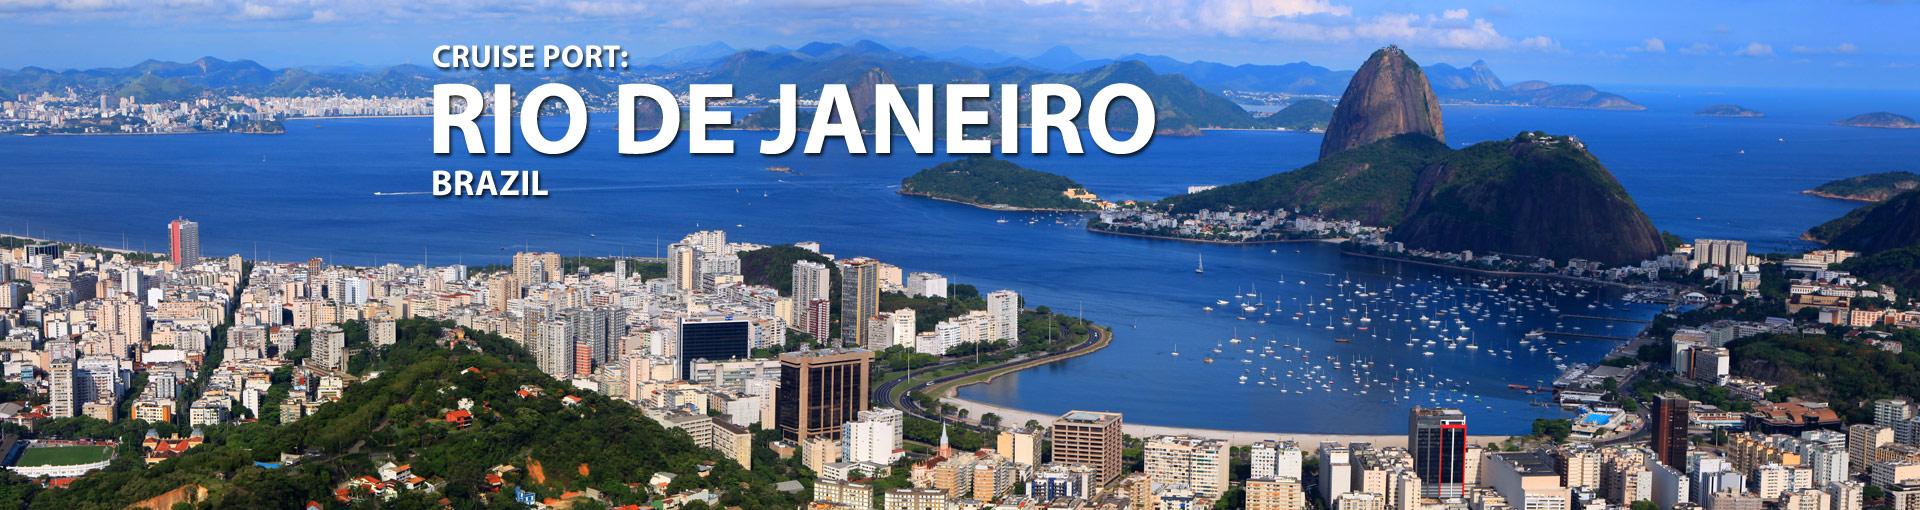 Cruises from Rio de Janeiro, Brazil